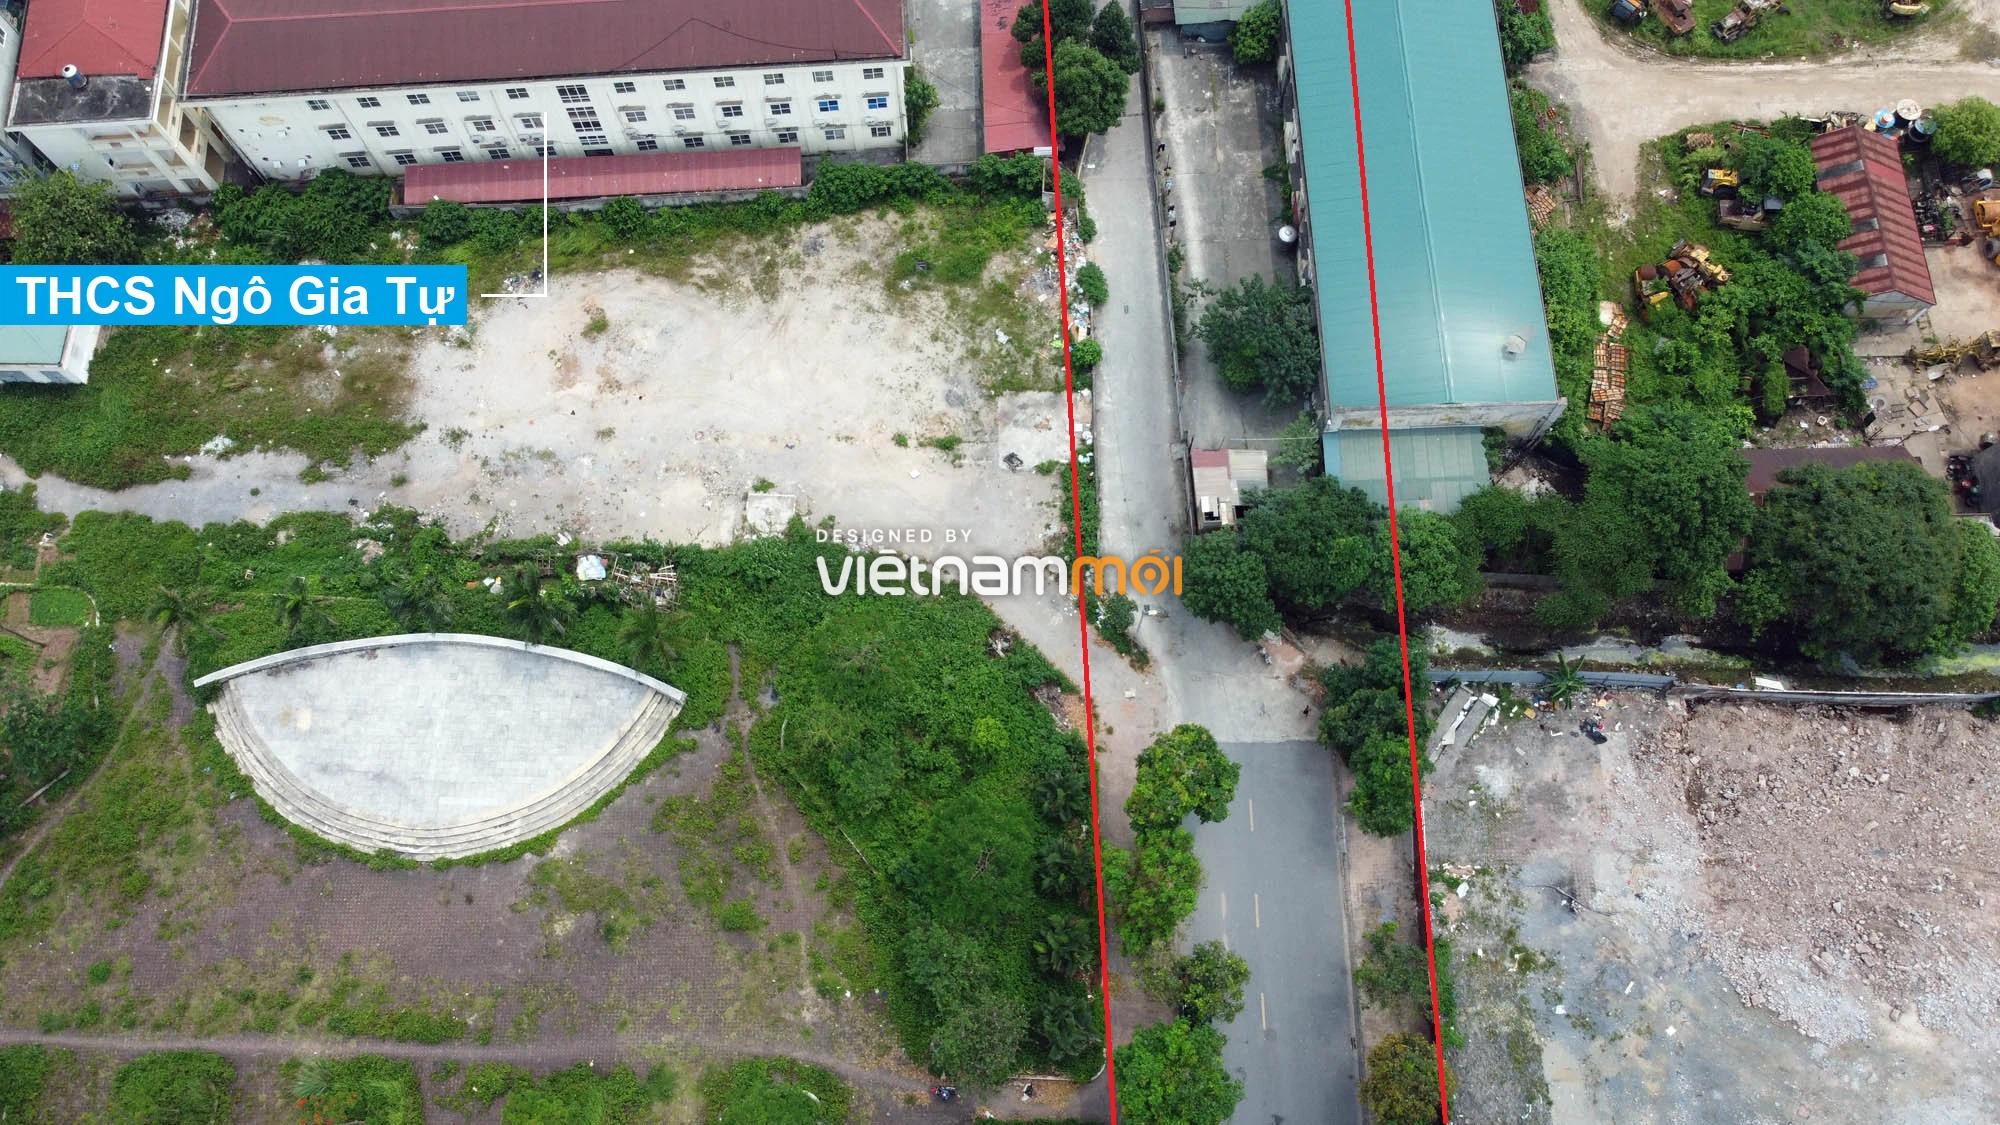 Những khu đất sắp thu hồi để mở đường ở phường Đức Giang, Long Biên, Hà Nội (phần 2) - Ảnh 11.